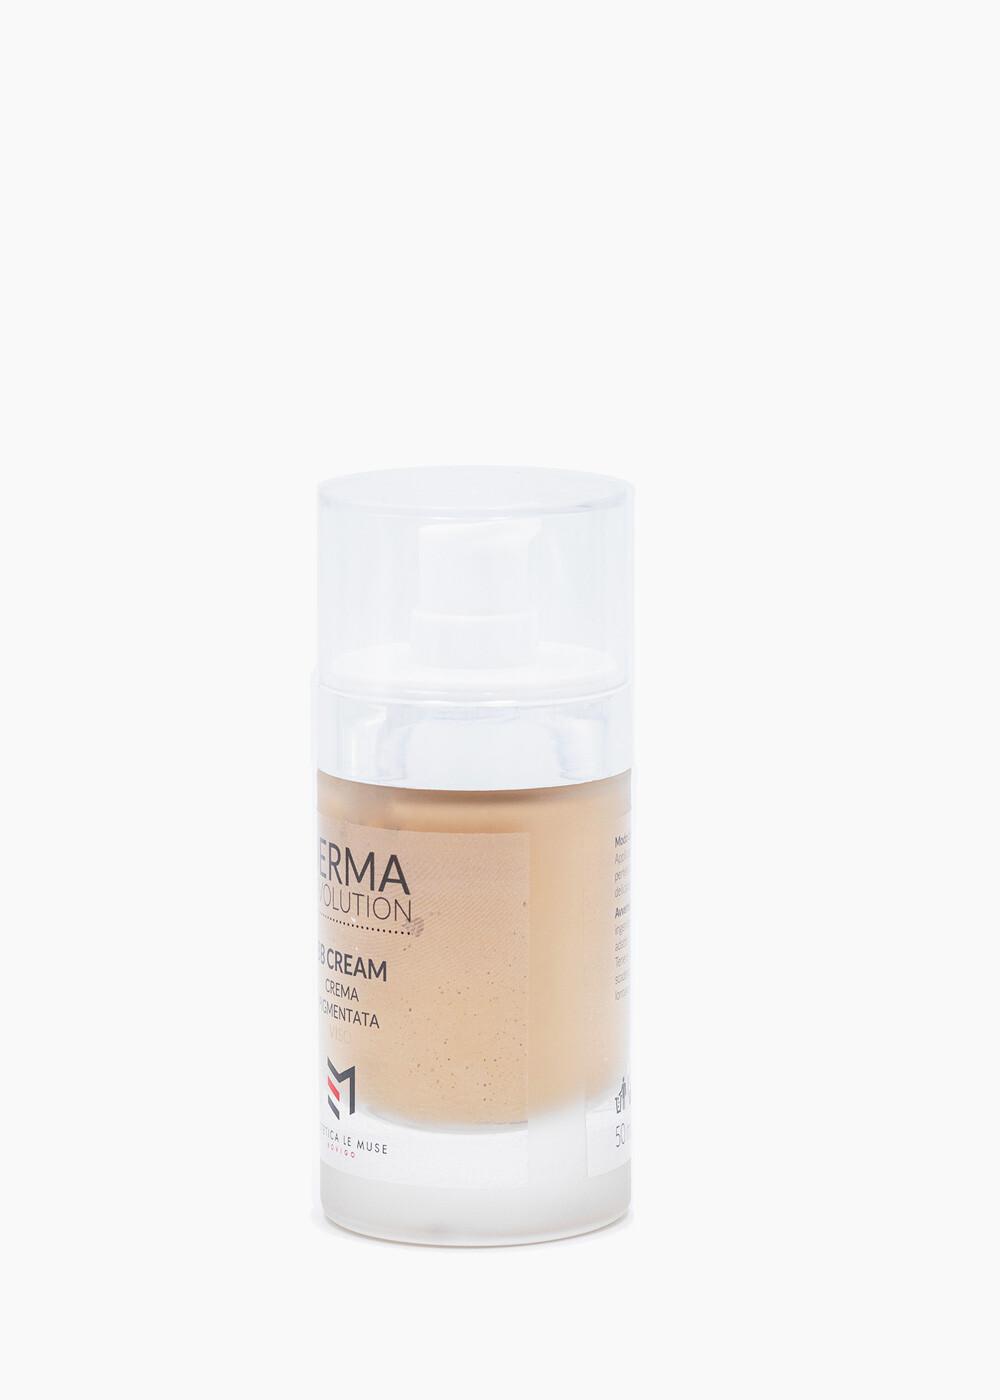 bb-cream-fondotinta-leggero-per-pelle-delicata-viso-estetica-le-muse-BCEG28476T-laterale-a-1